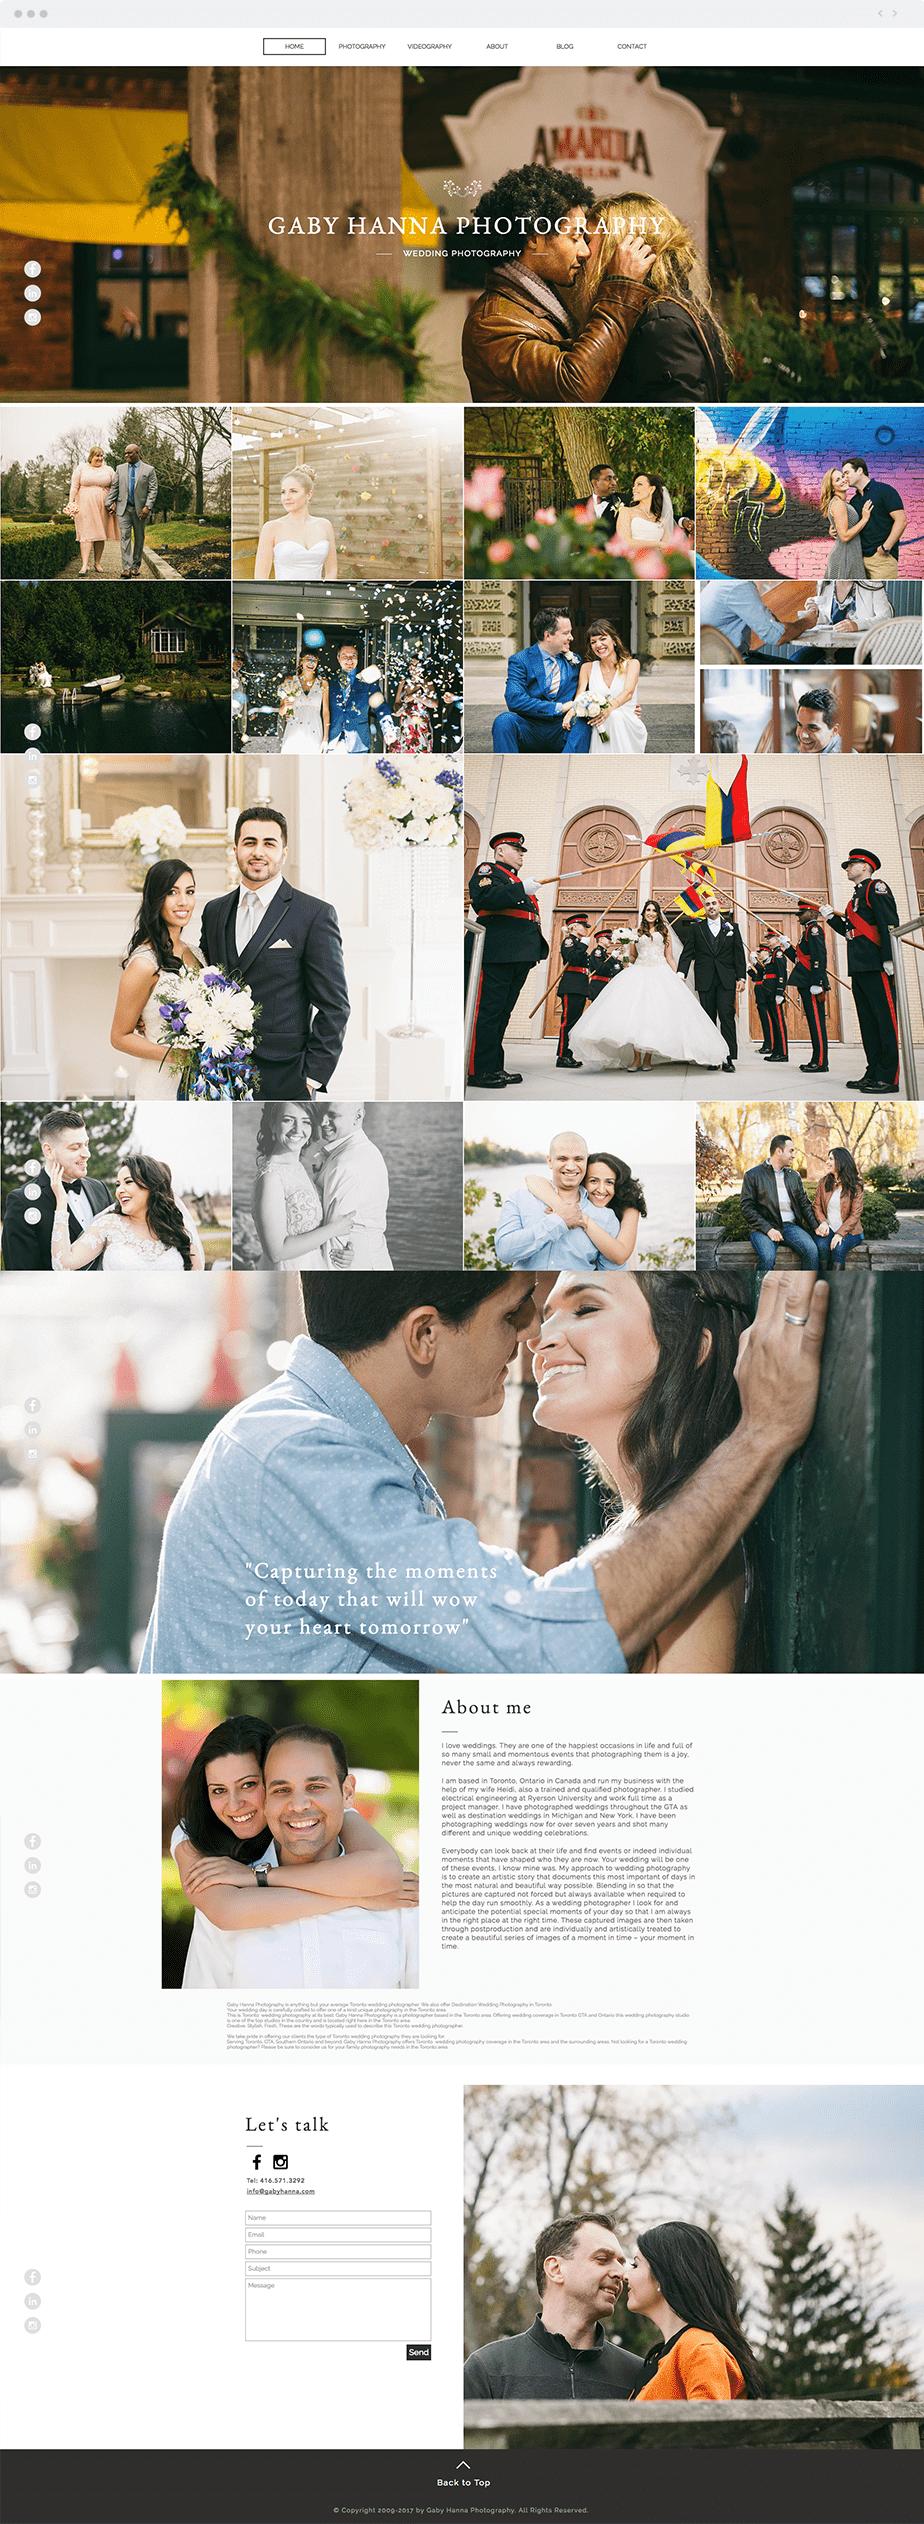 Stunning Wix online portfolio by wedding photographer Gaby Hanna